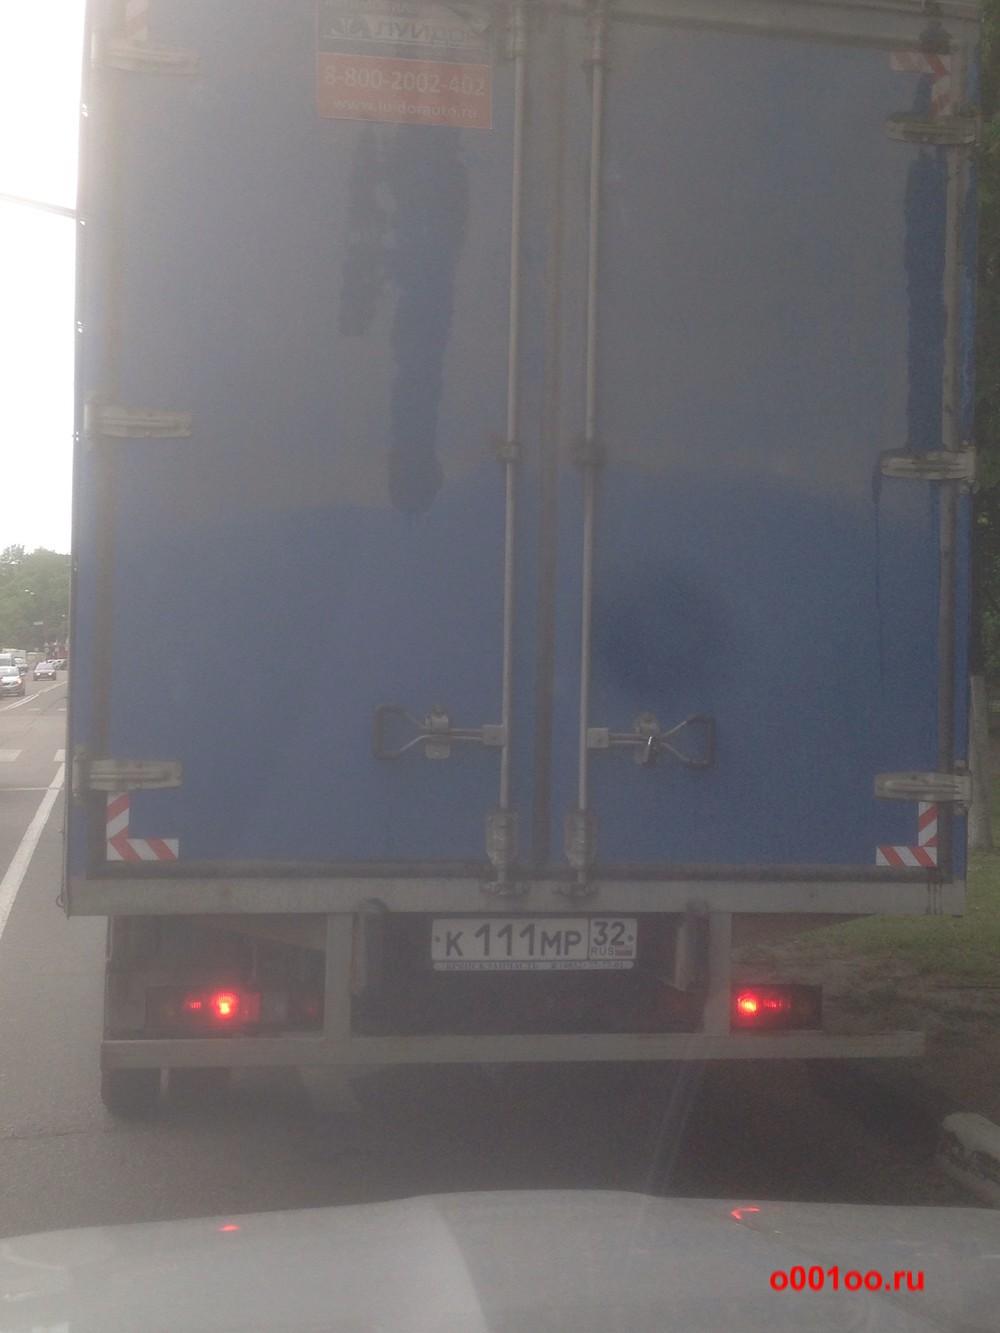 к111мр32